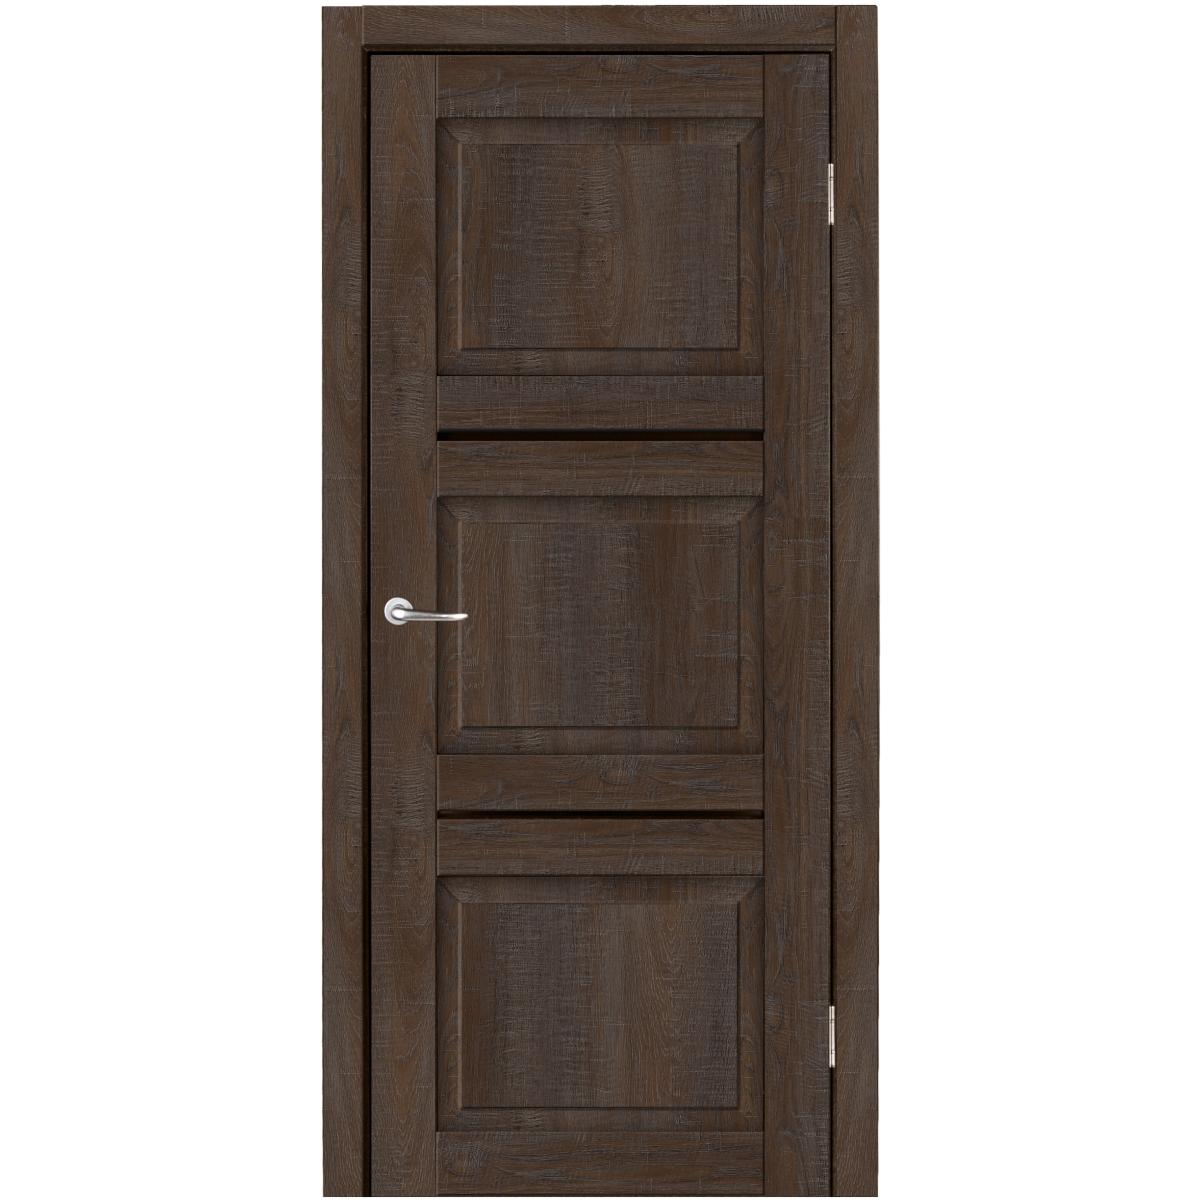 Дверь Межкомнатная Глухая С Замком И Петлями В Комлпекте Гранде 60x200 Cpl Цвет Дуб Соубери